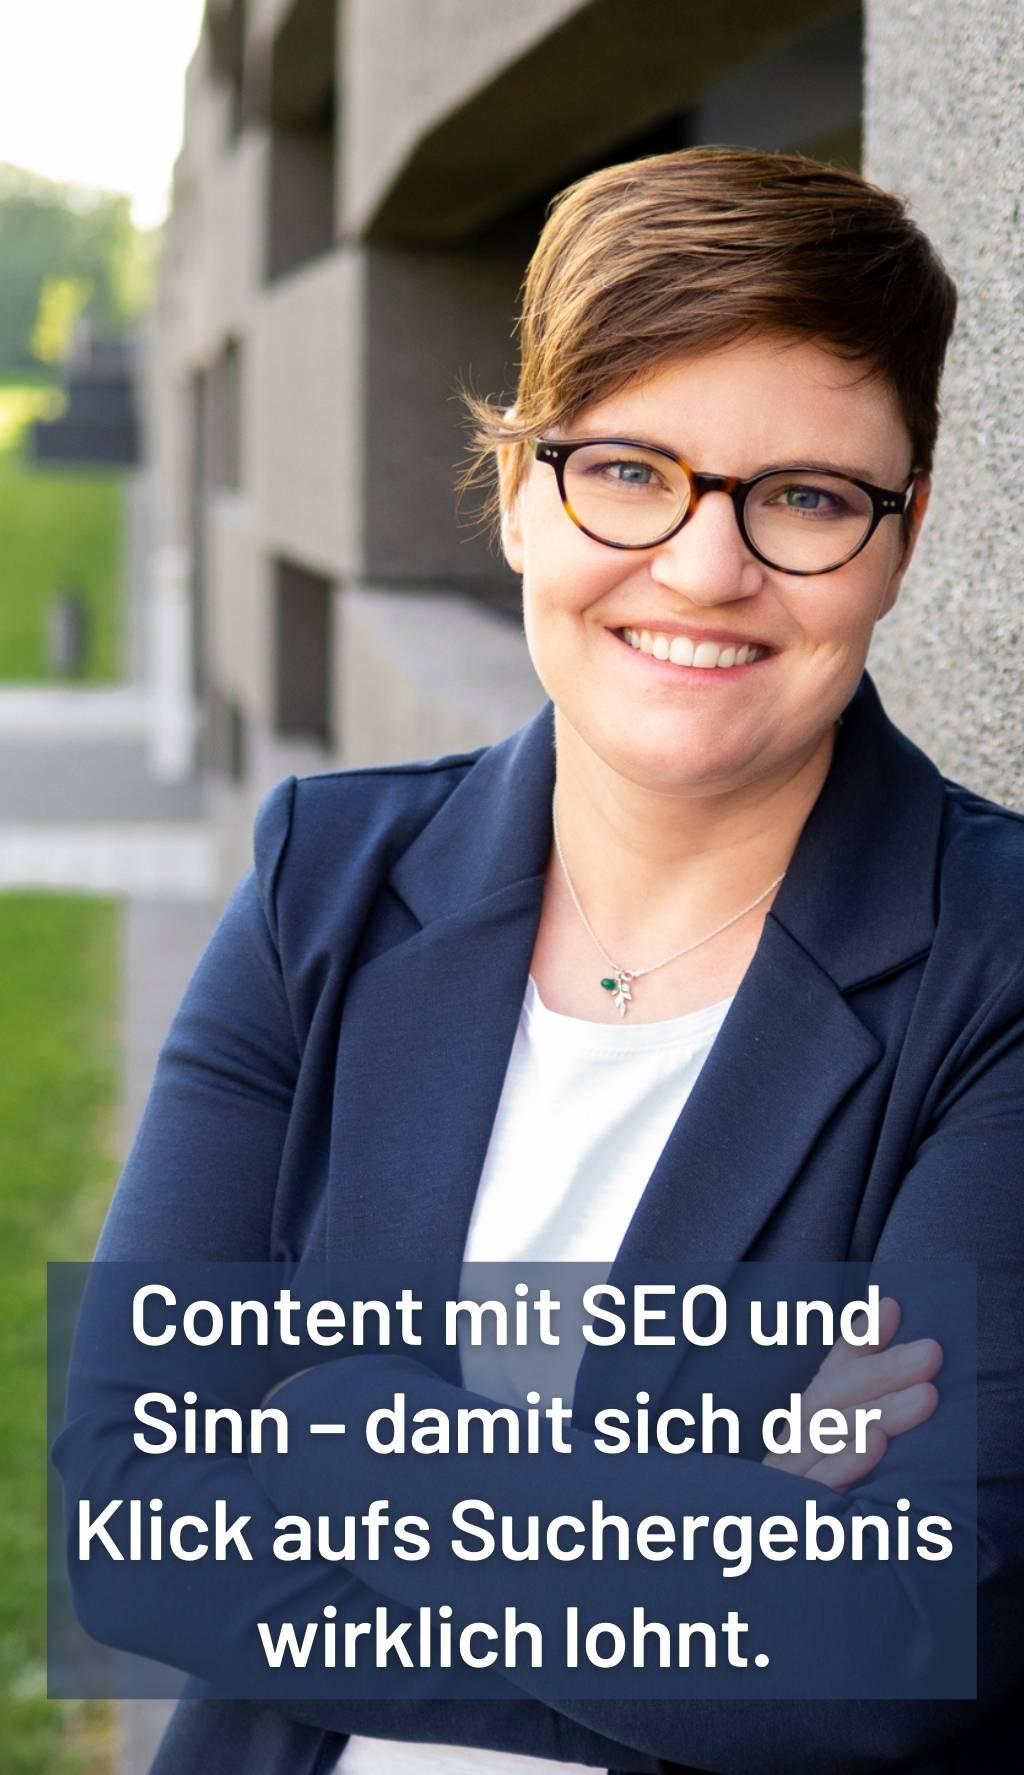 SEO Content Texte schreiben lassen von Karoline Mohren